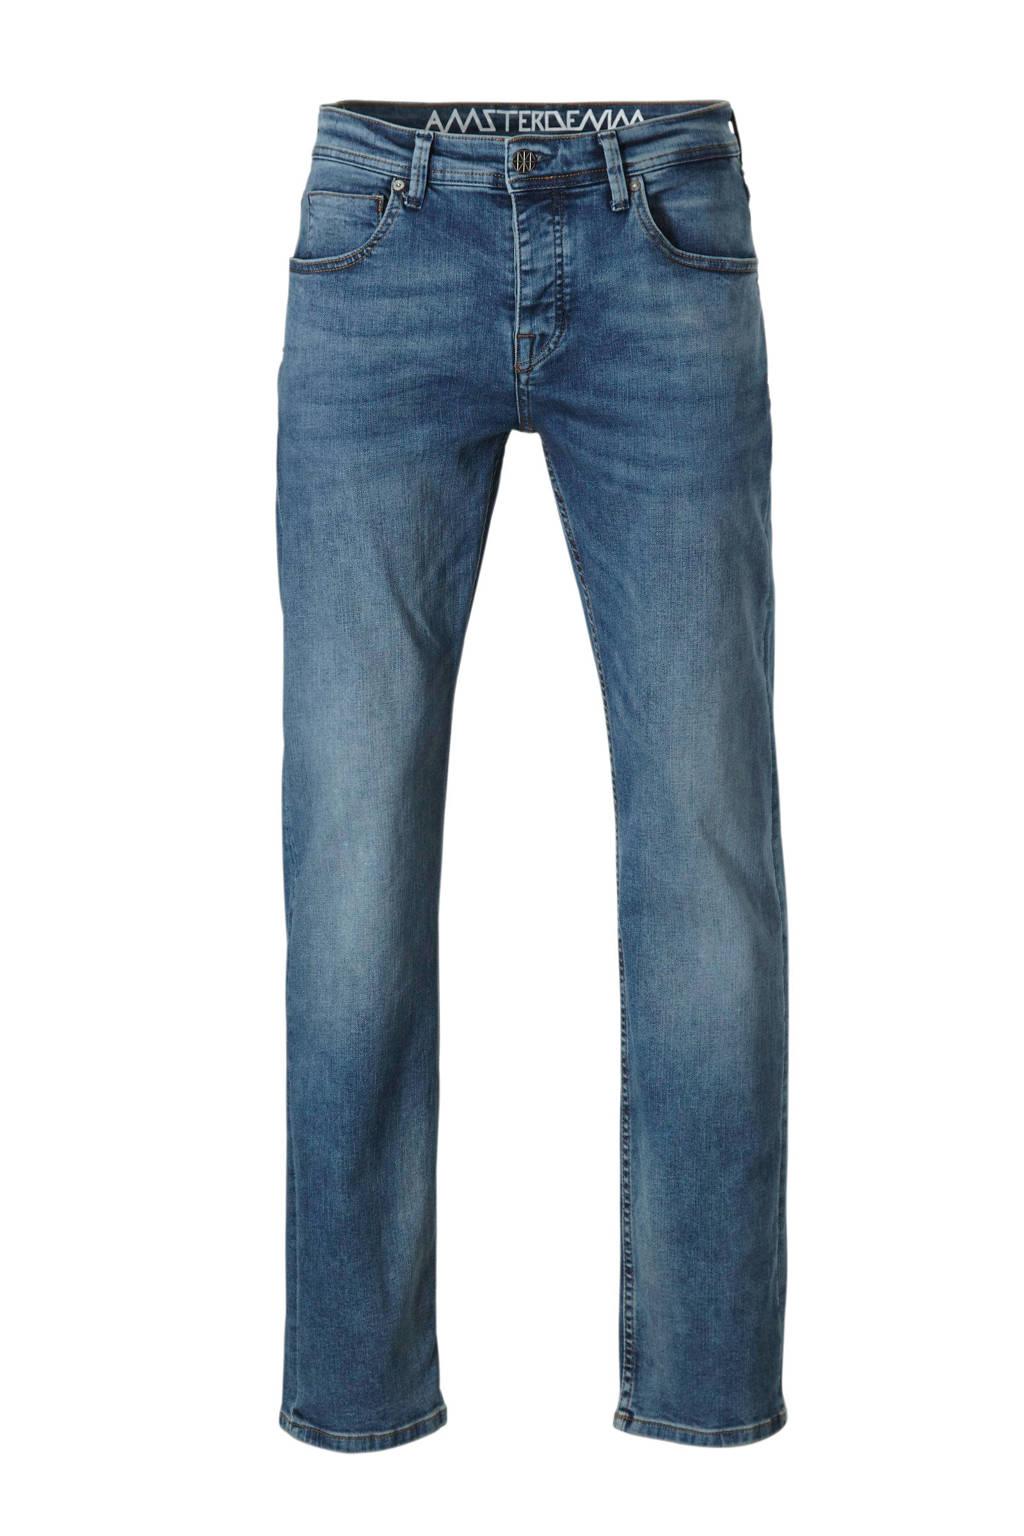 Amsterdenim loose fit jeans Klaas, Oud blauw